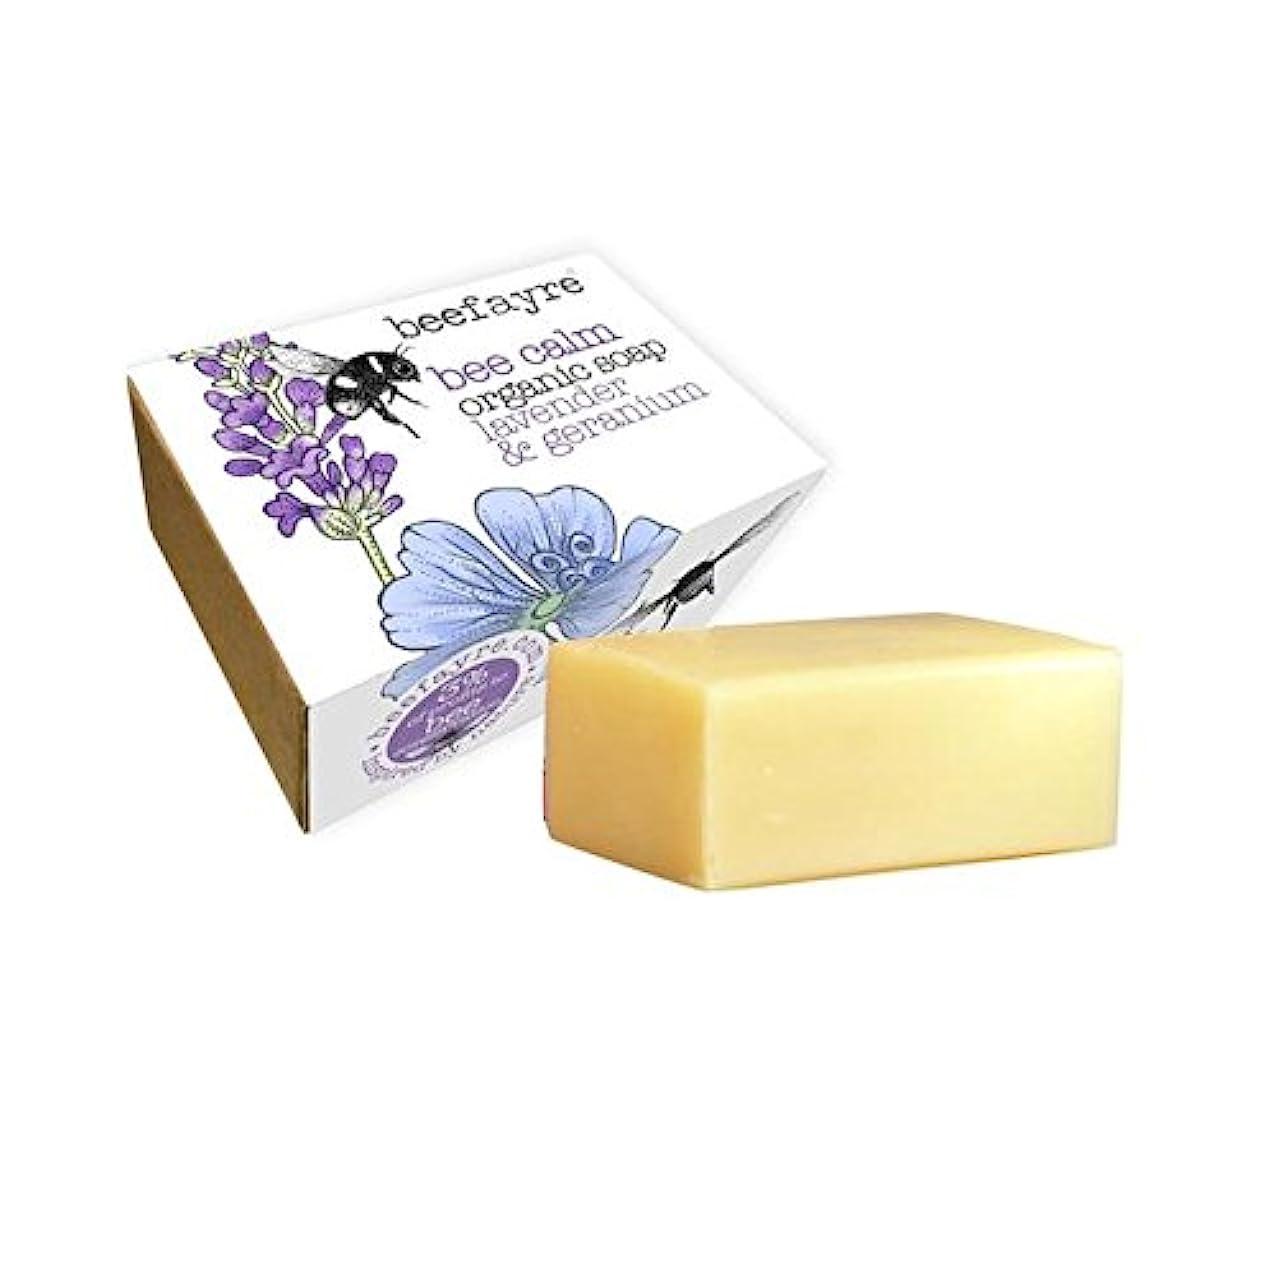 傷つけるクリスチャン可能にする有機ゼラニウム&ラベンダー石鹸 x4 - Beefayre Organic Geranium & Lavender Soap (Pack of 4) [並行輸入品]